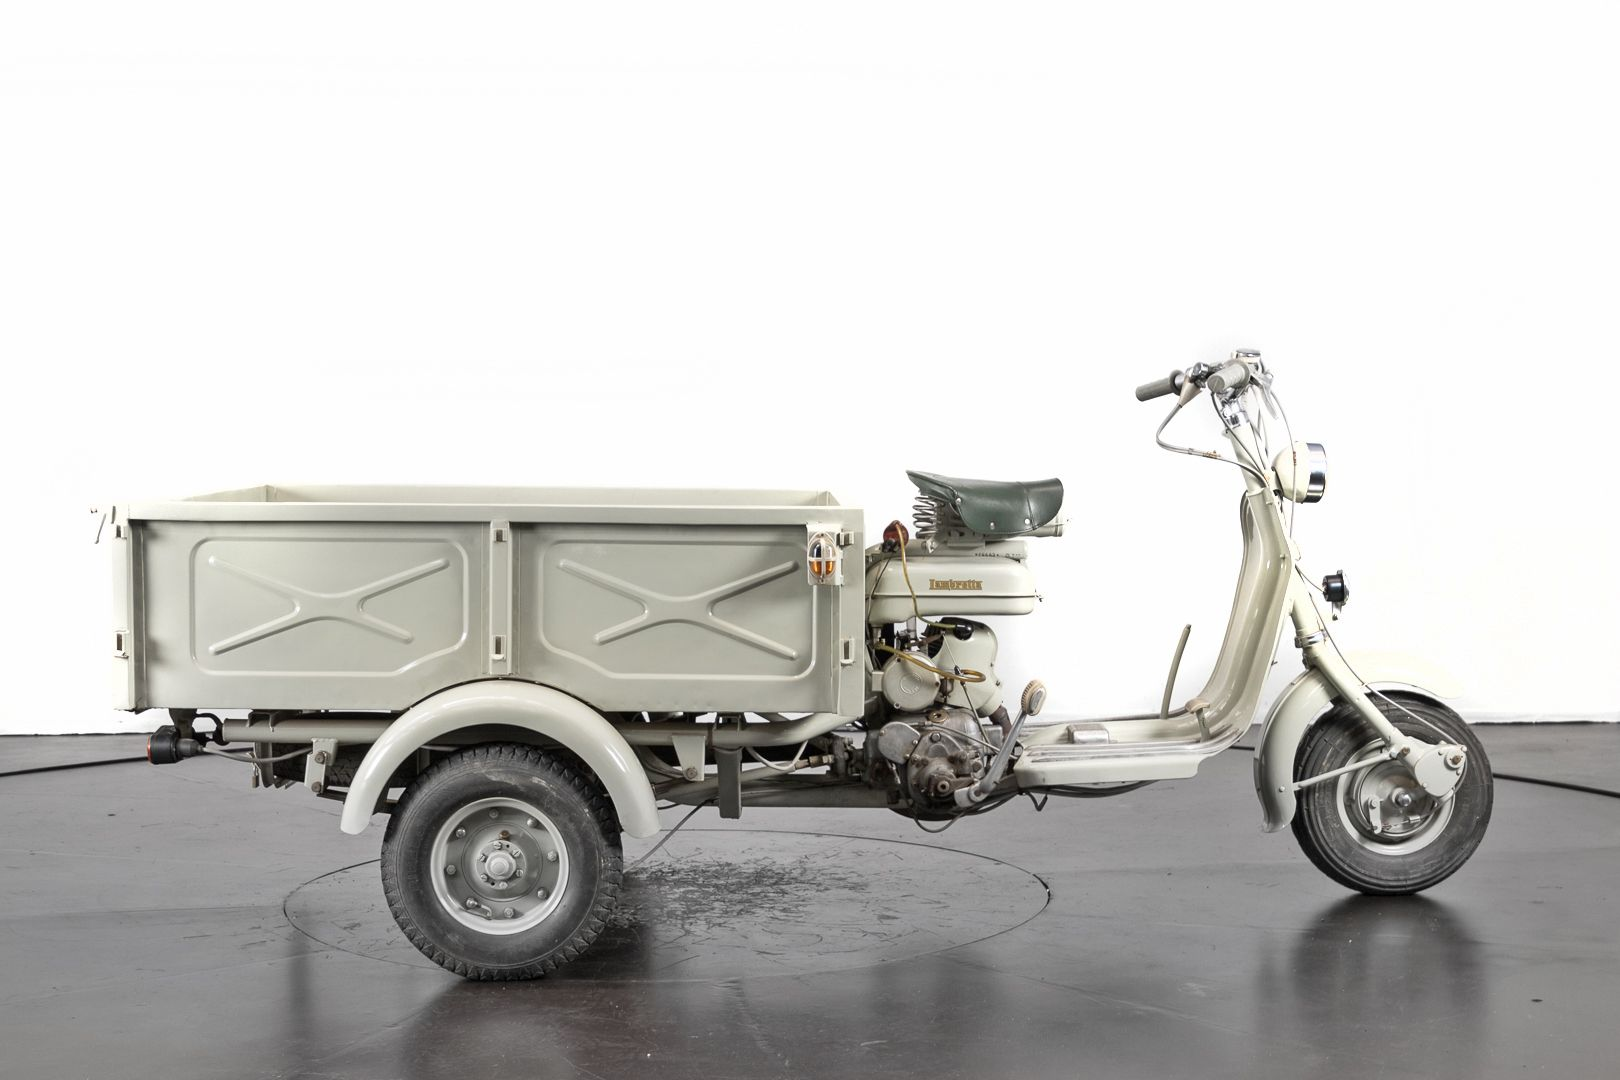 1958 Innocenti Lambretta 150 FD  38761